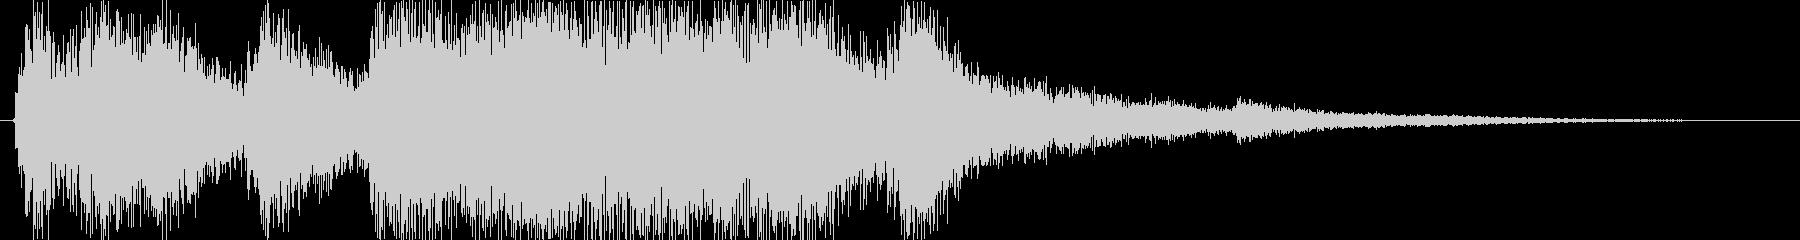 クラシックなイベント達成音ジングル4の未再生の波形